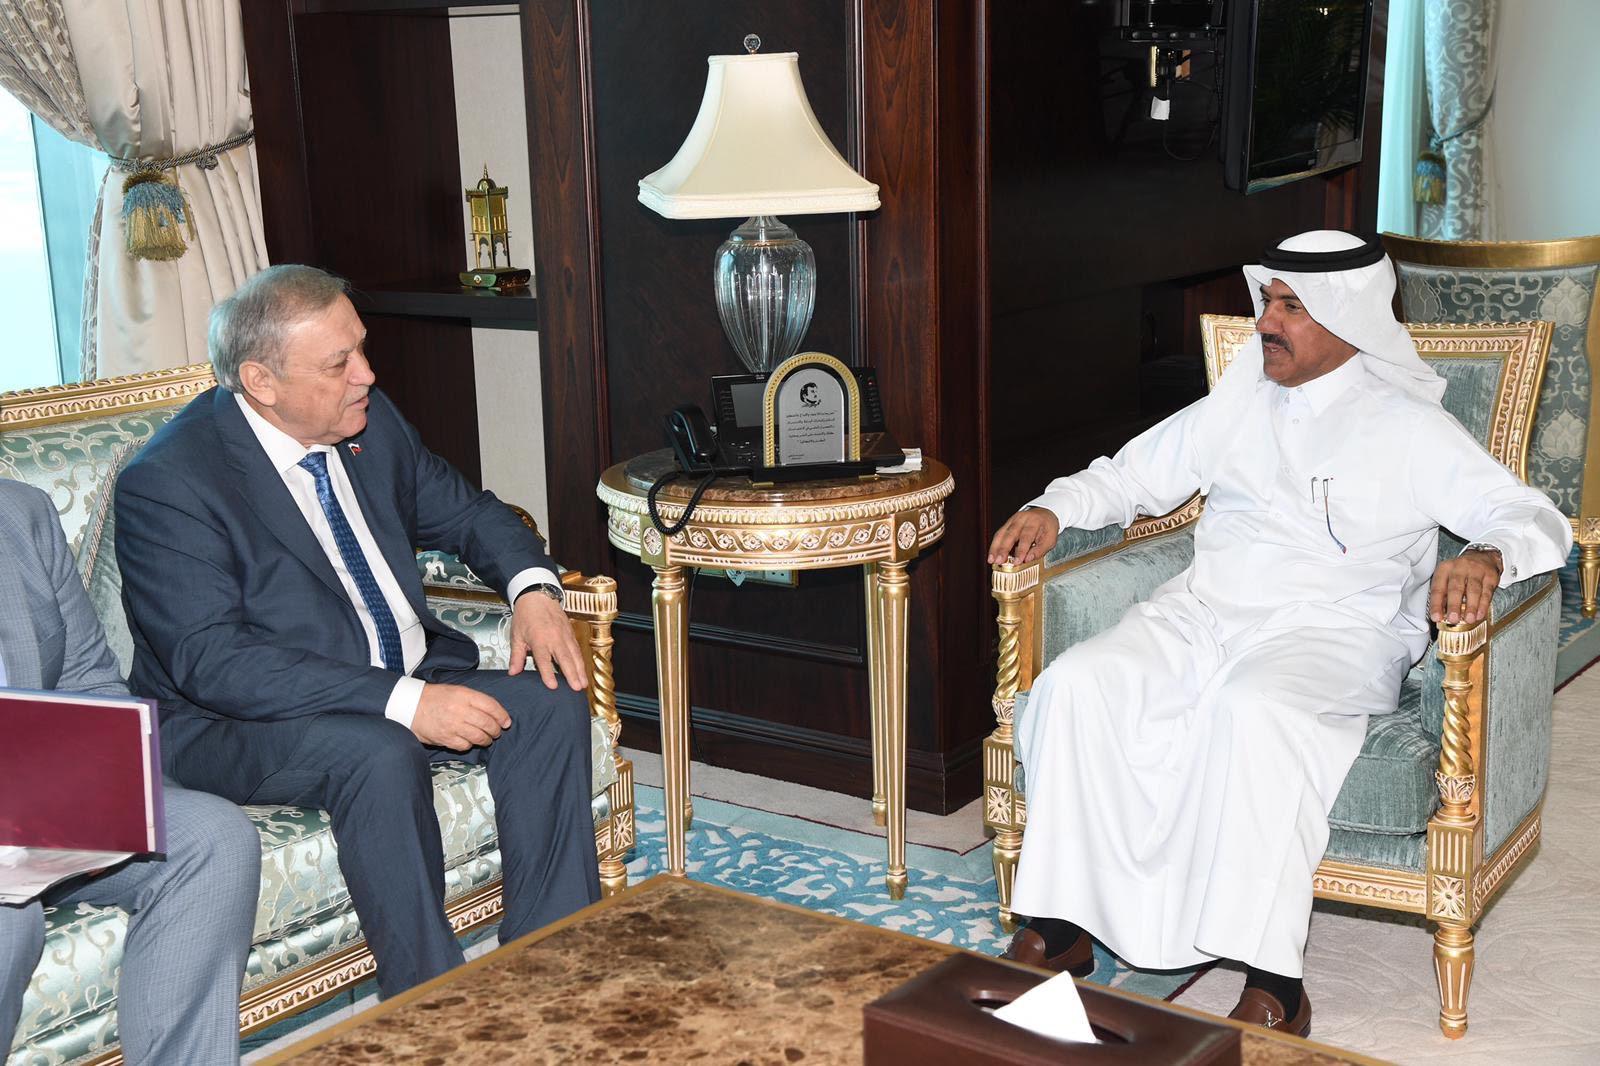 الأمين العام لوزارة الخارجية يجتمع مع سفير روسيا الاتحادية